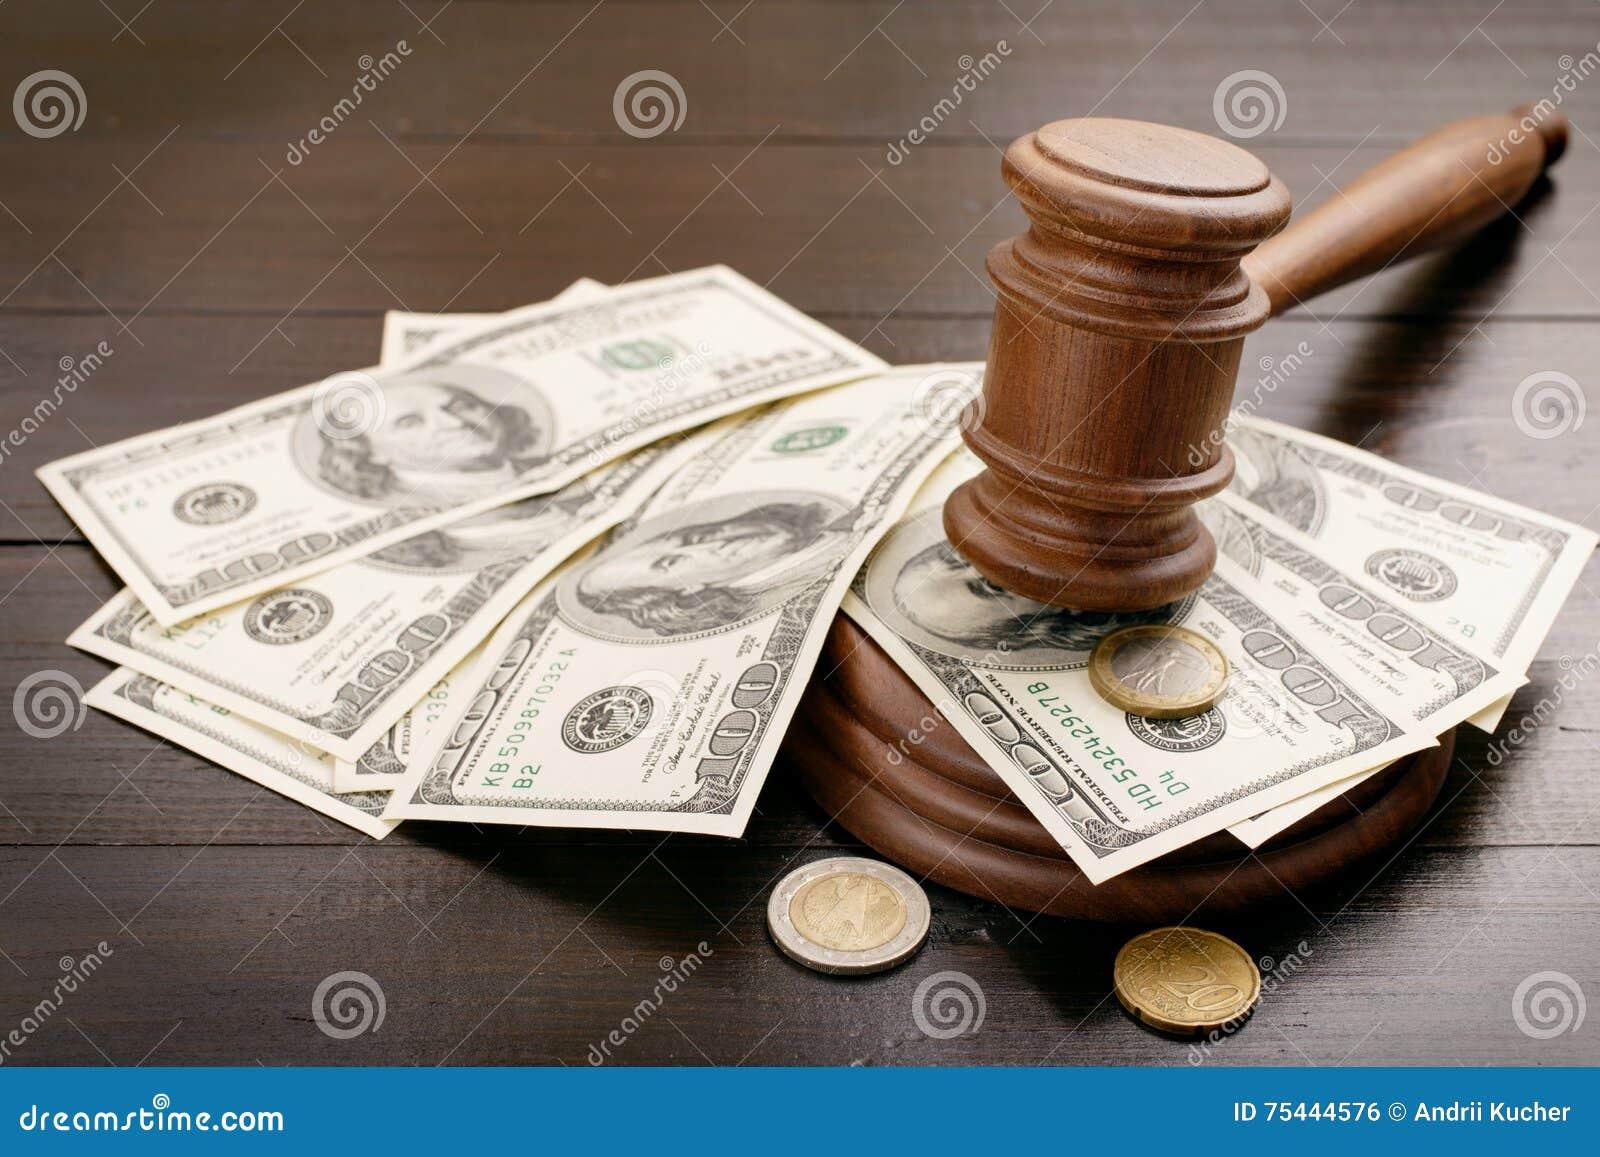 Rechtershamer met dollars en eurocenten